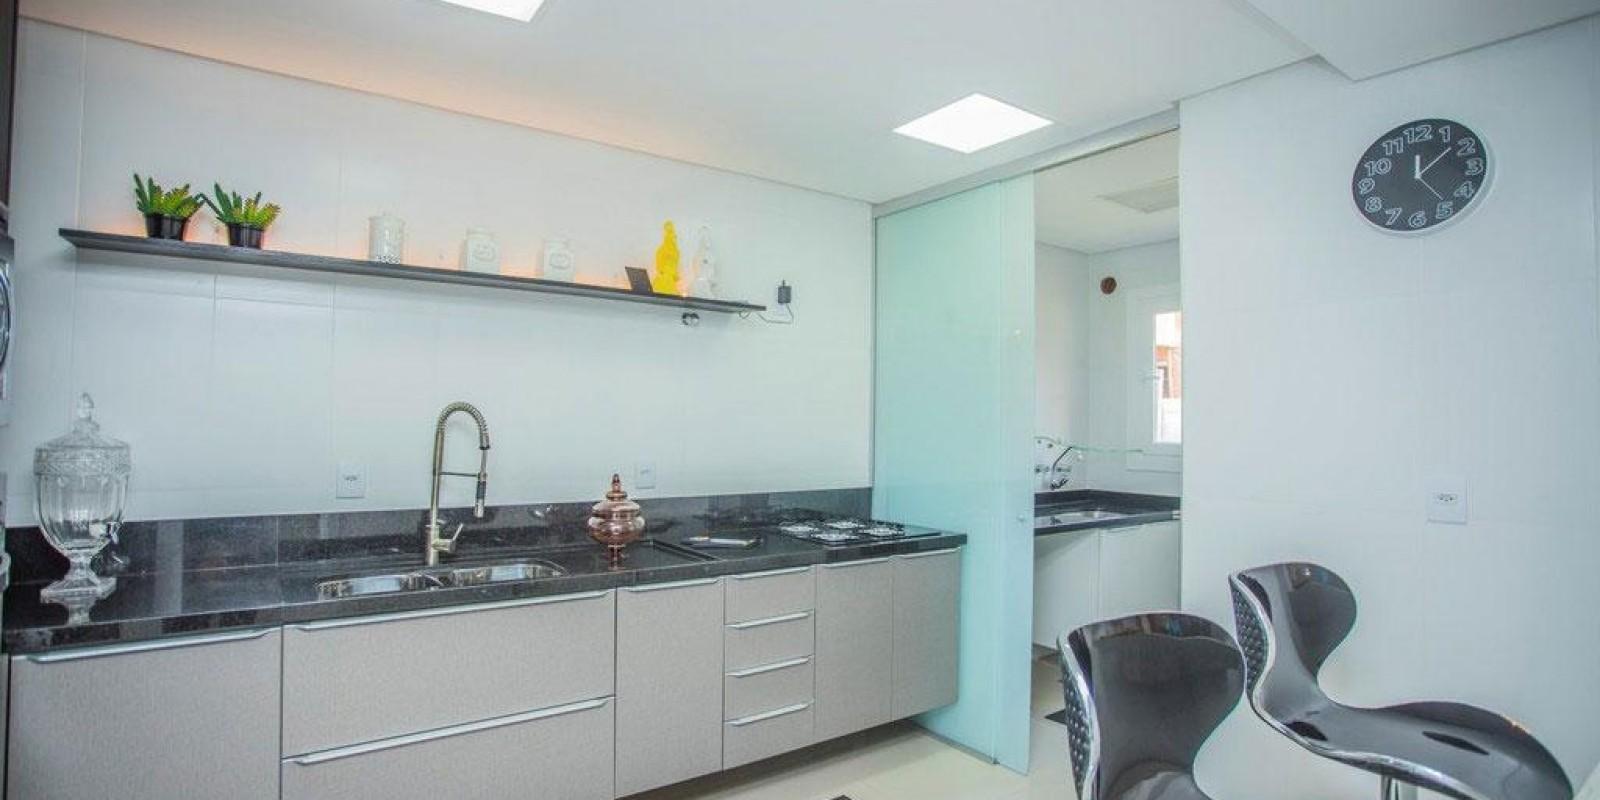 TPS Imóveis - Veja Foto 15 de 20 do Casa A Venda Condomínio Fechado Em Porto Alegre